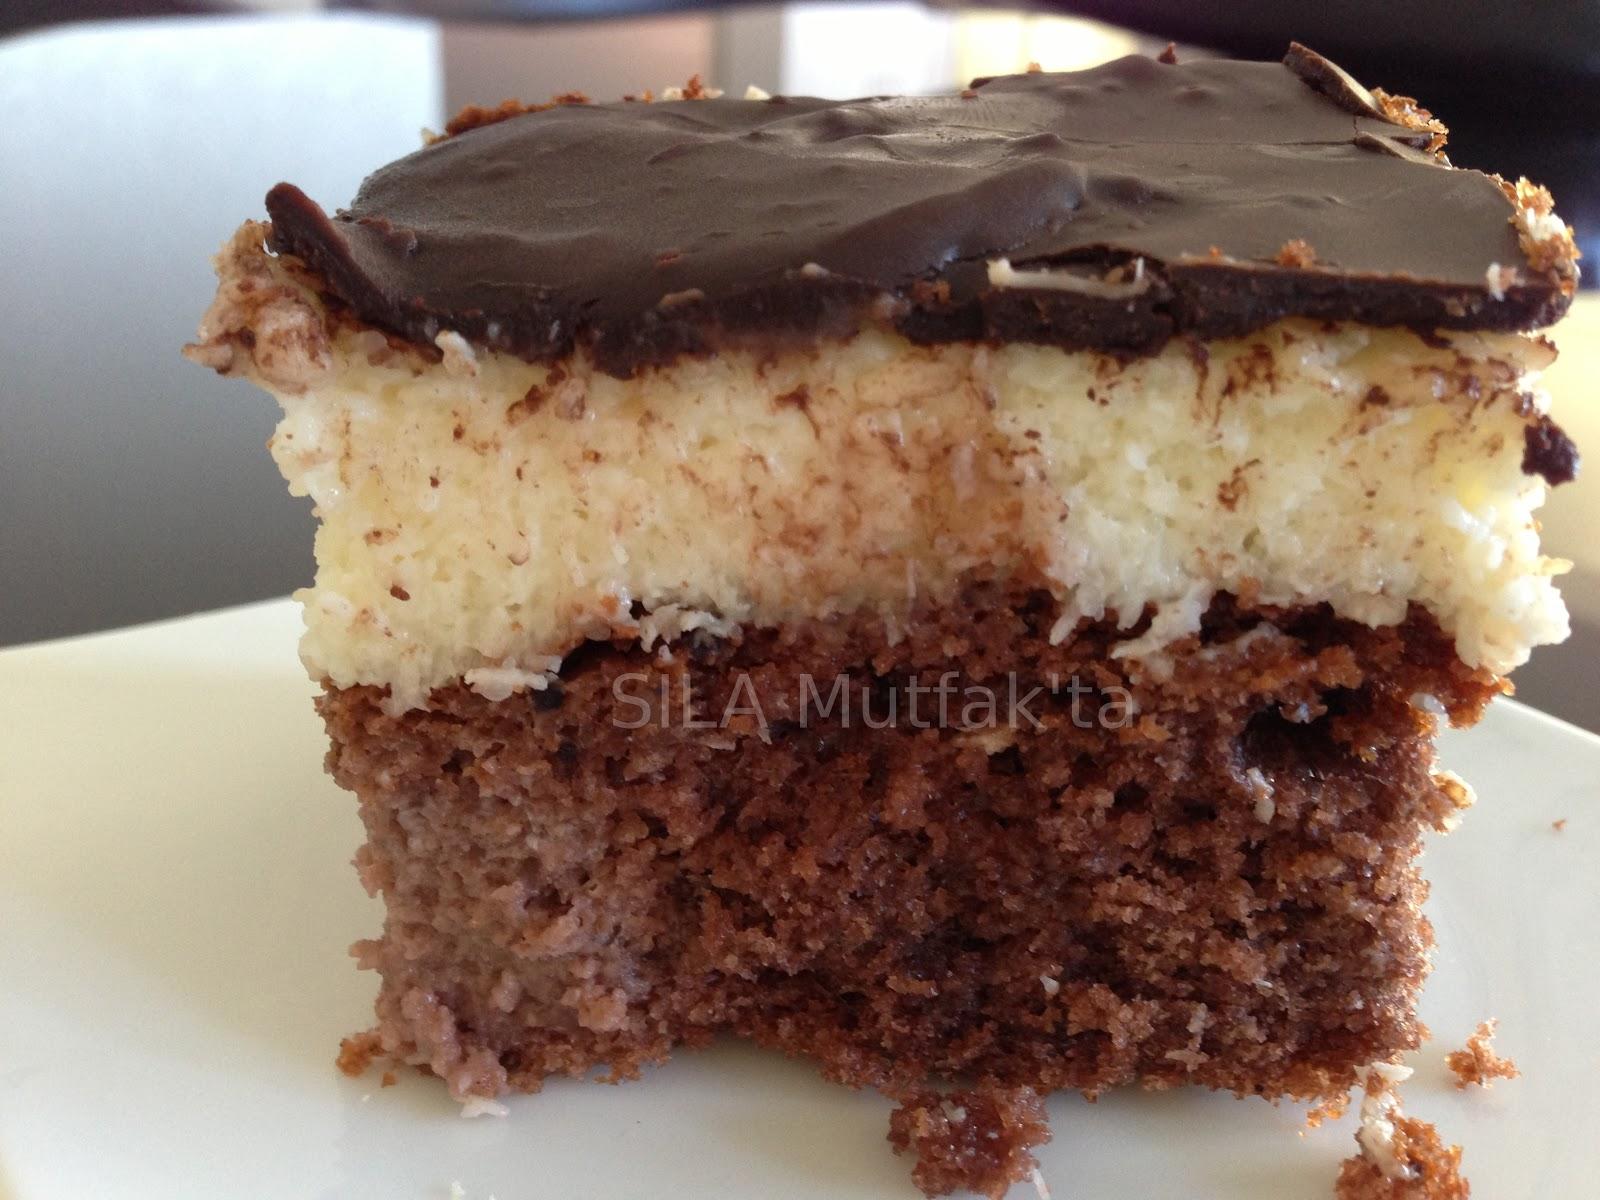 Cocostar kek tarifi